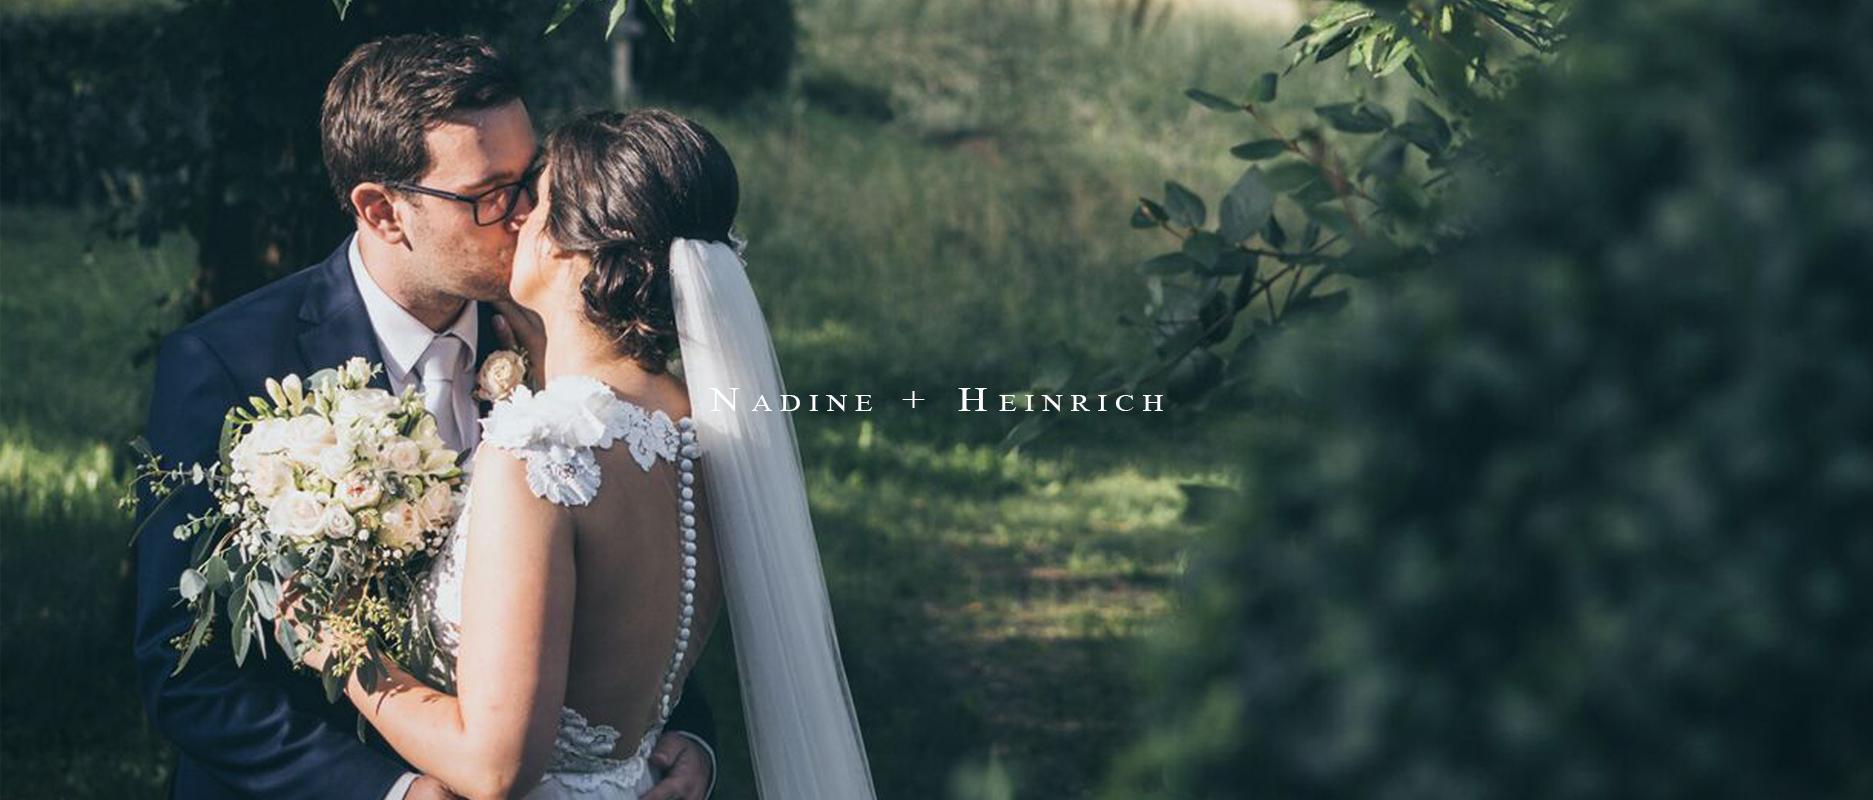 Nadine + Heinrich | Styria, Austria | ASchloss Obermayerhofen